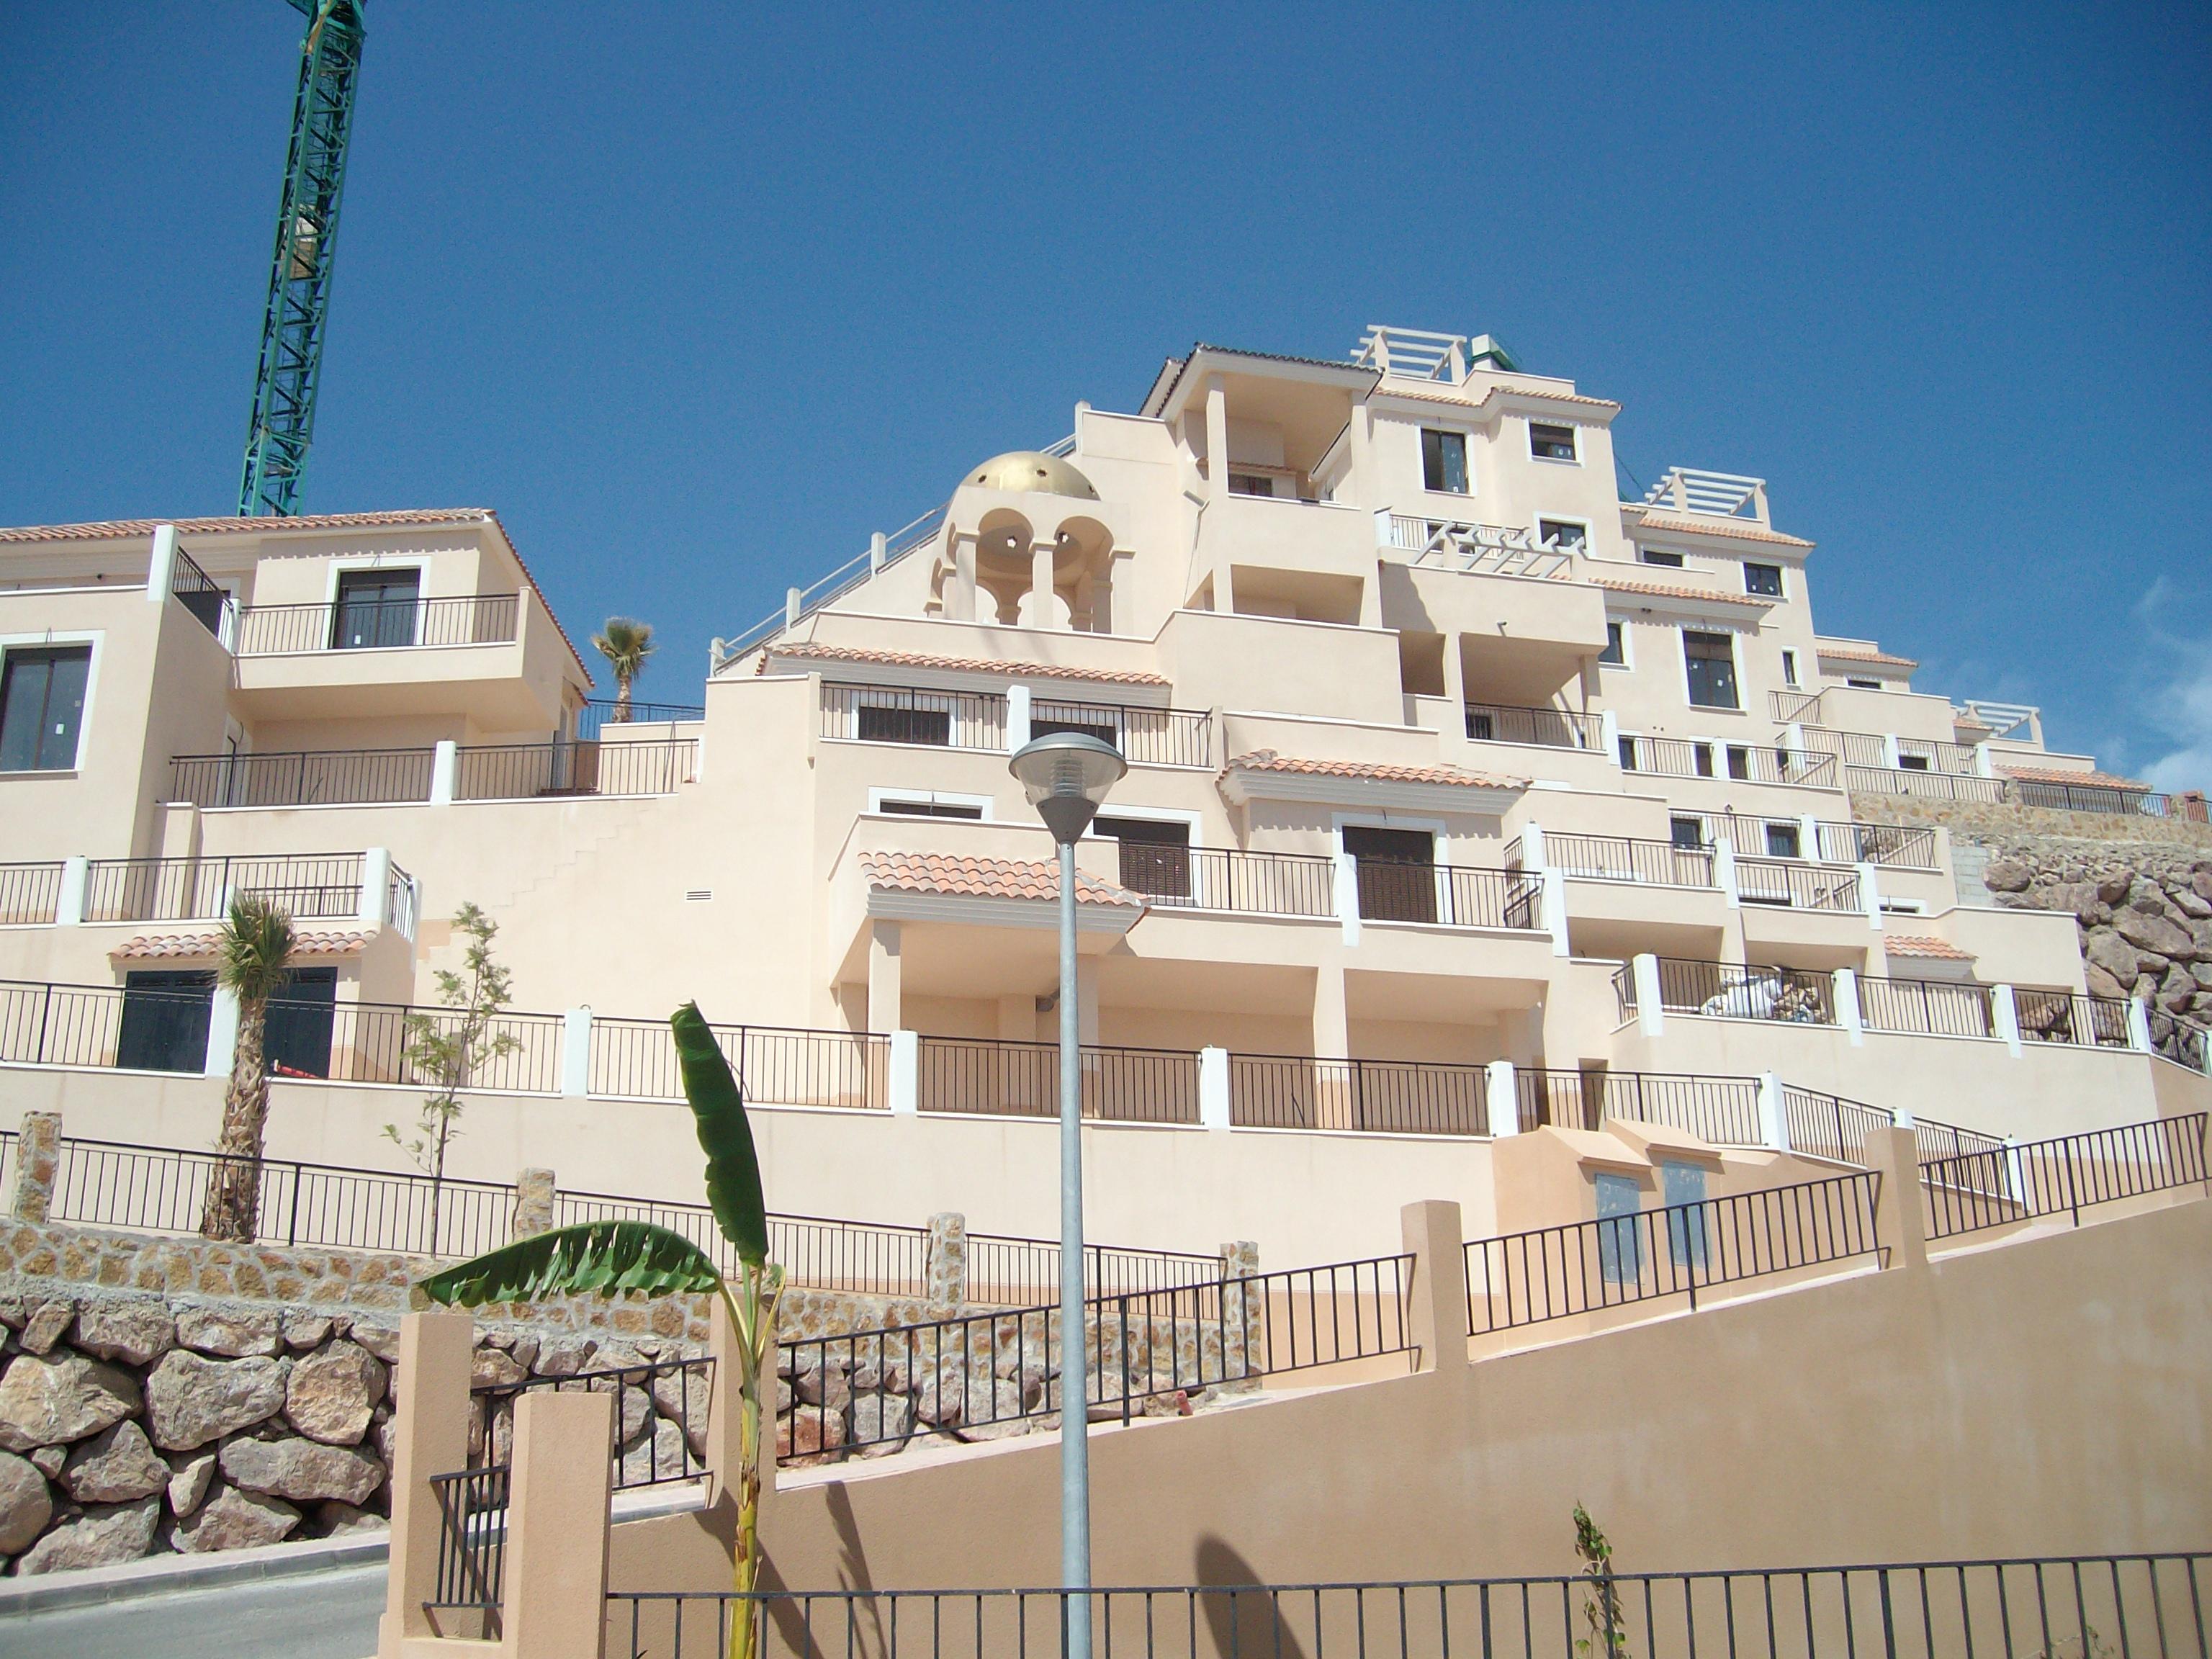 Decopintura. Empresa de decoración y pintura en Alicante